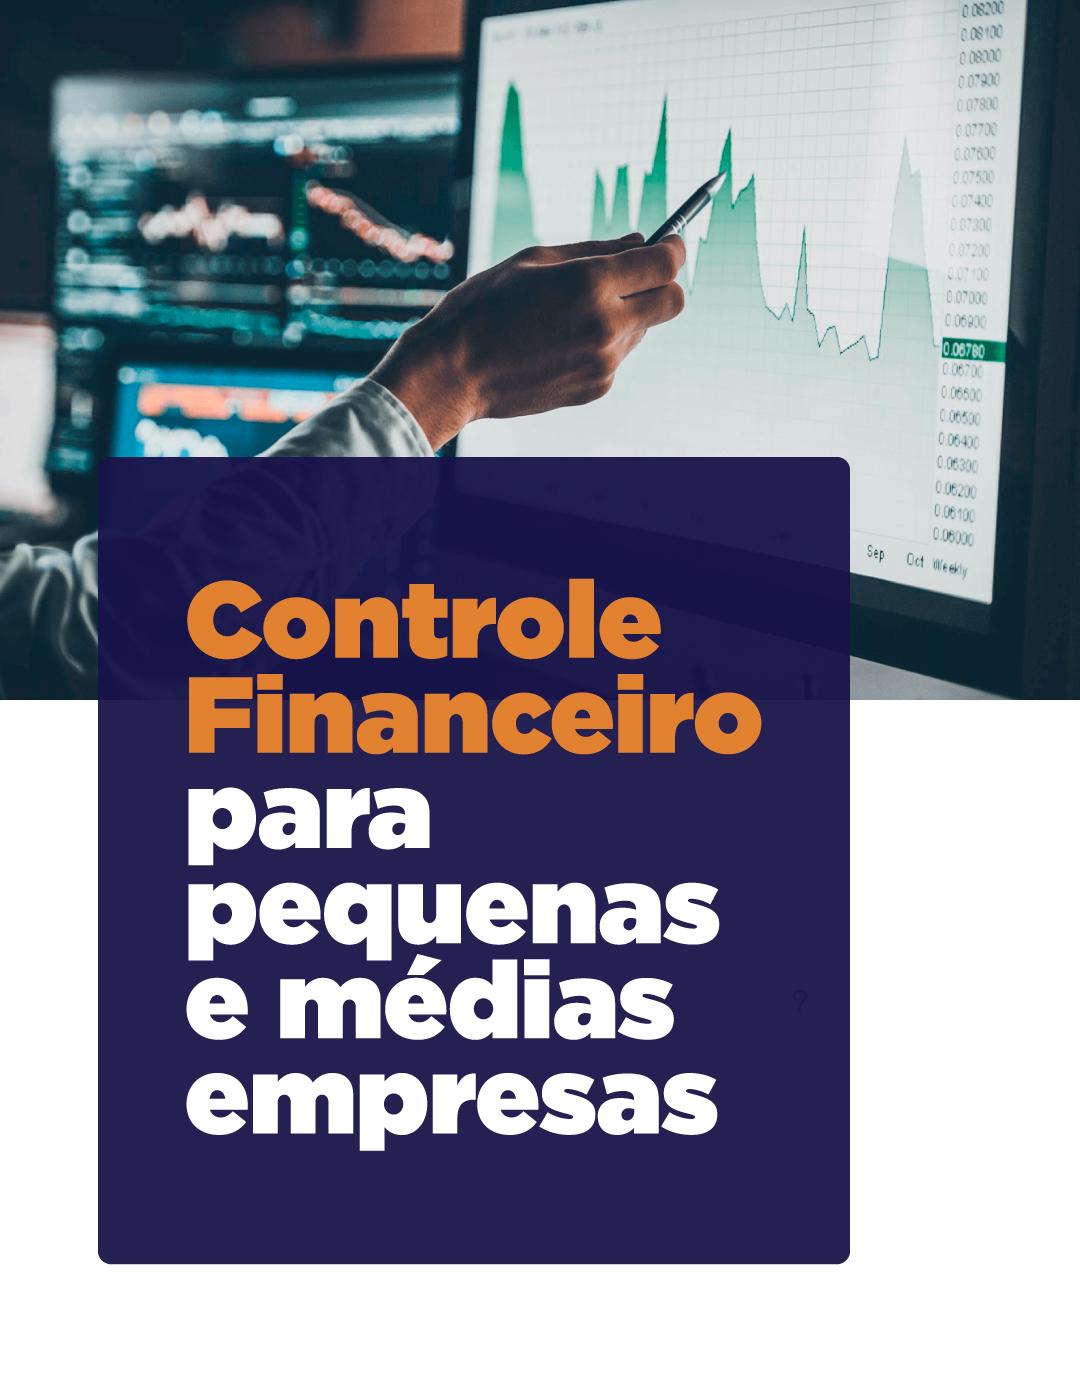 Controle Financeiro para pequenas e médias empresas